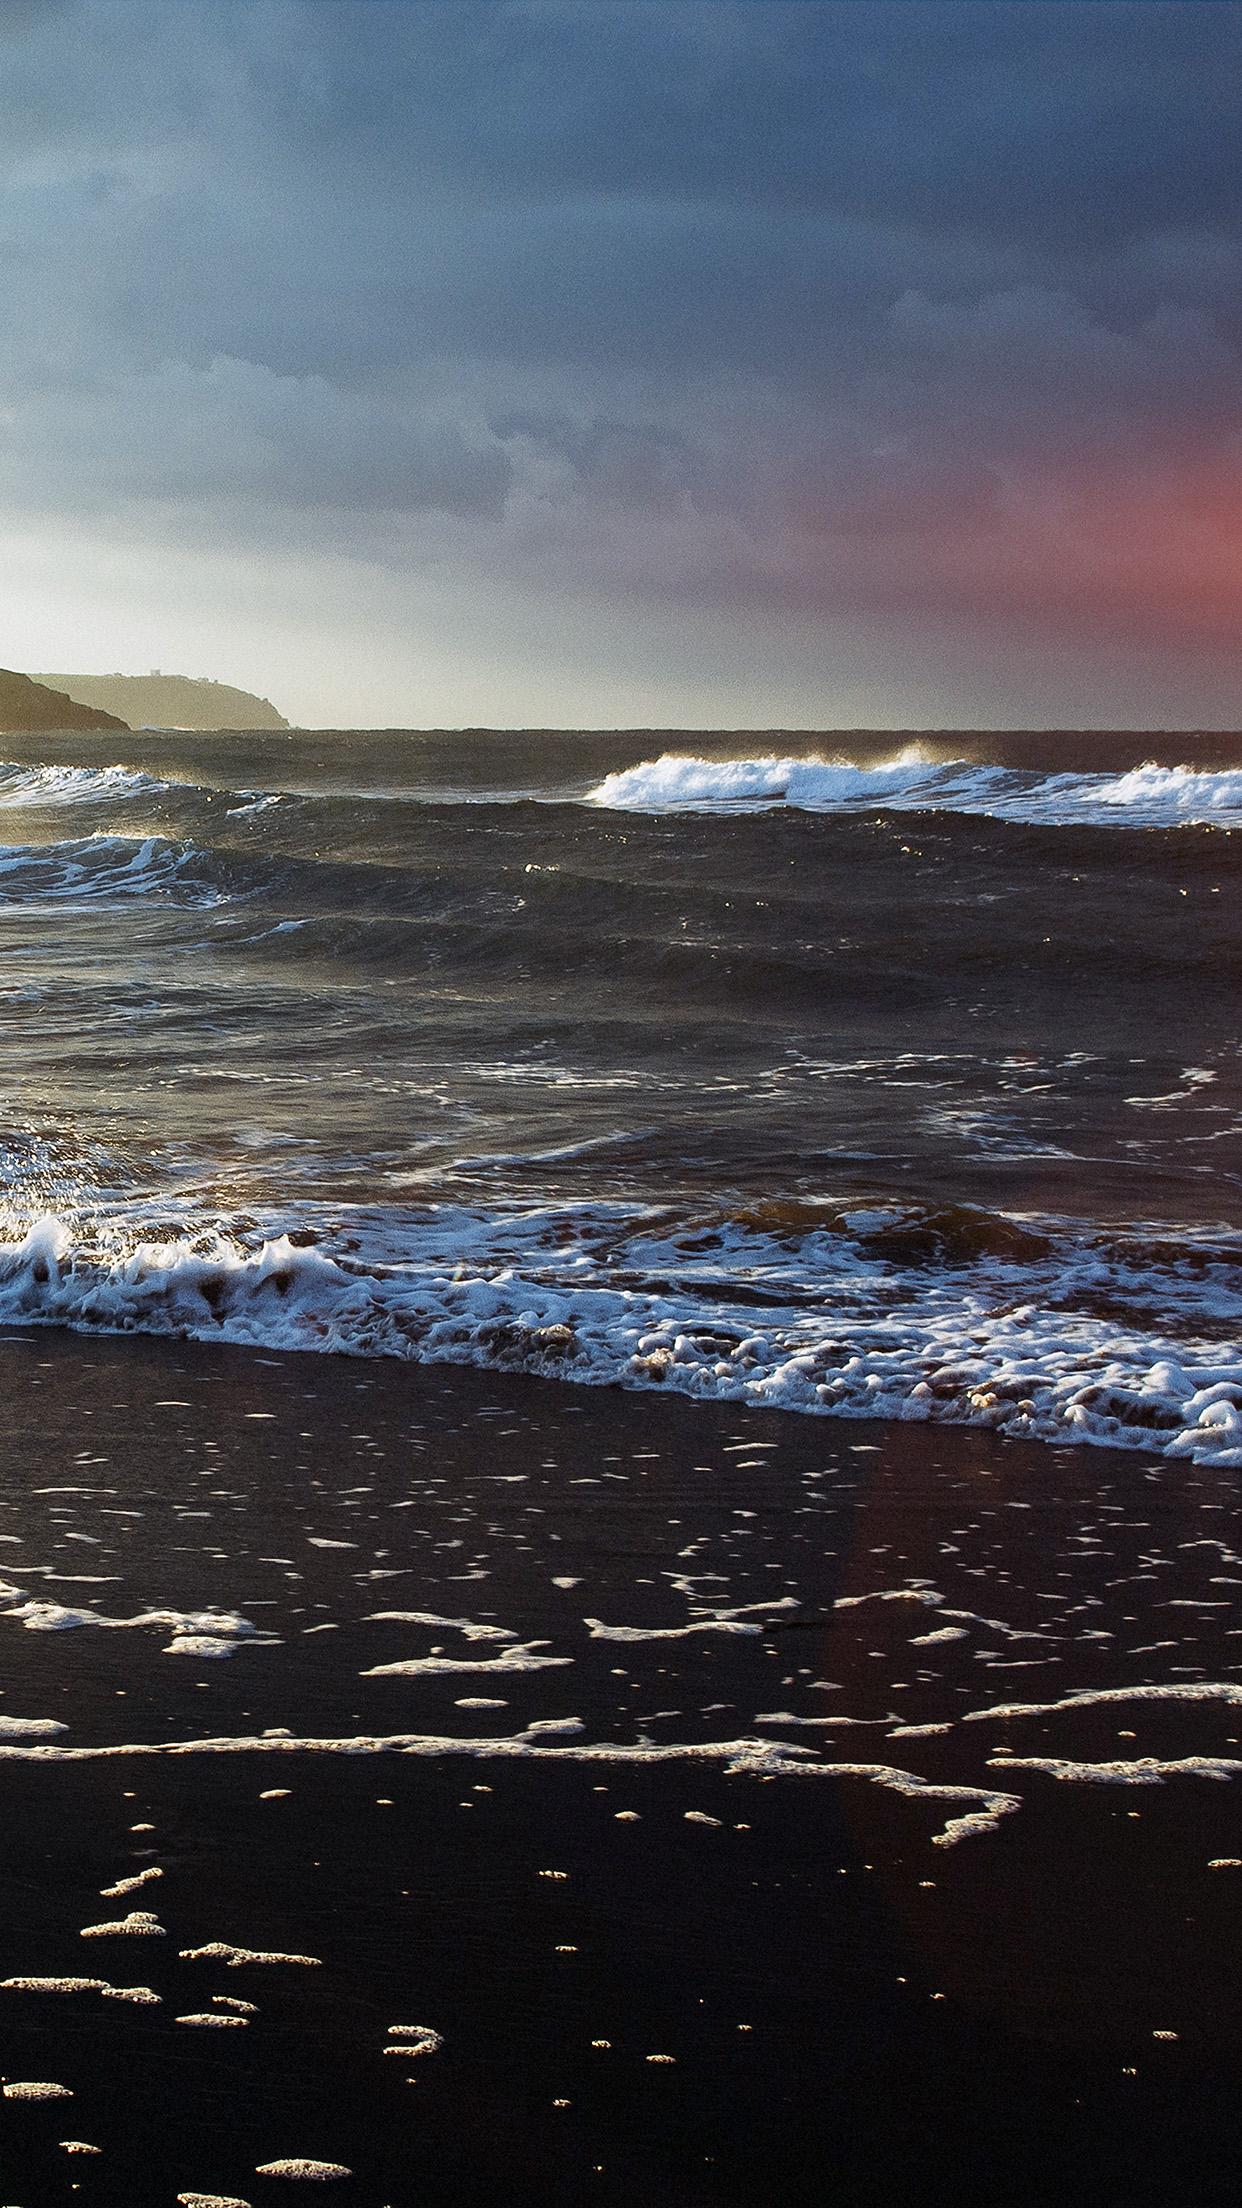 Beach Costal nature 3Wallpapers iPhone Parallax 3Wallpapers : notre sélection de fonds d'écran du 02/12/2016